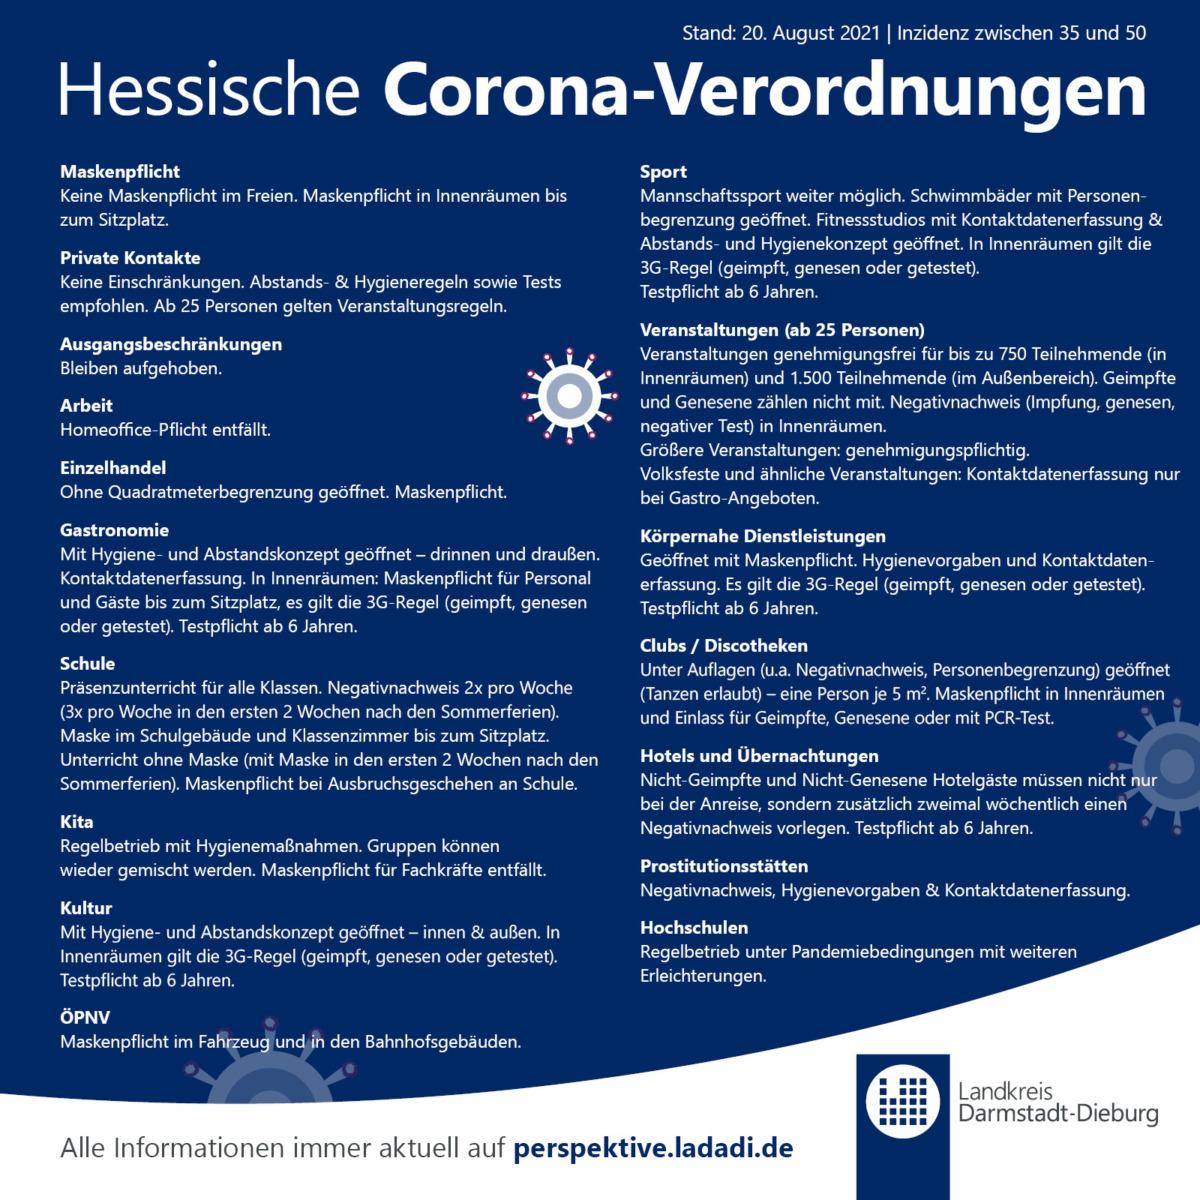 Neue Corona-Verordnung gültig ab 20.8.2021